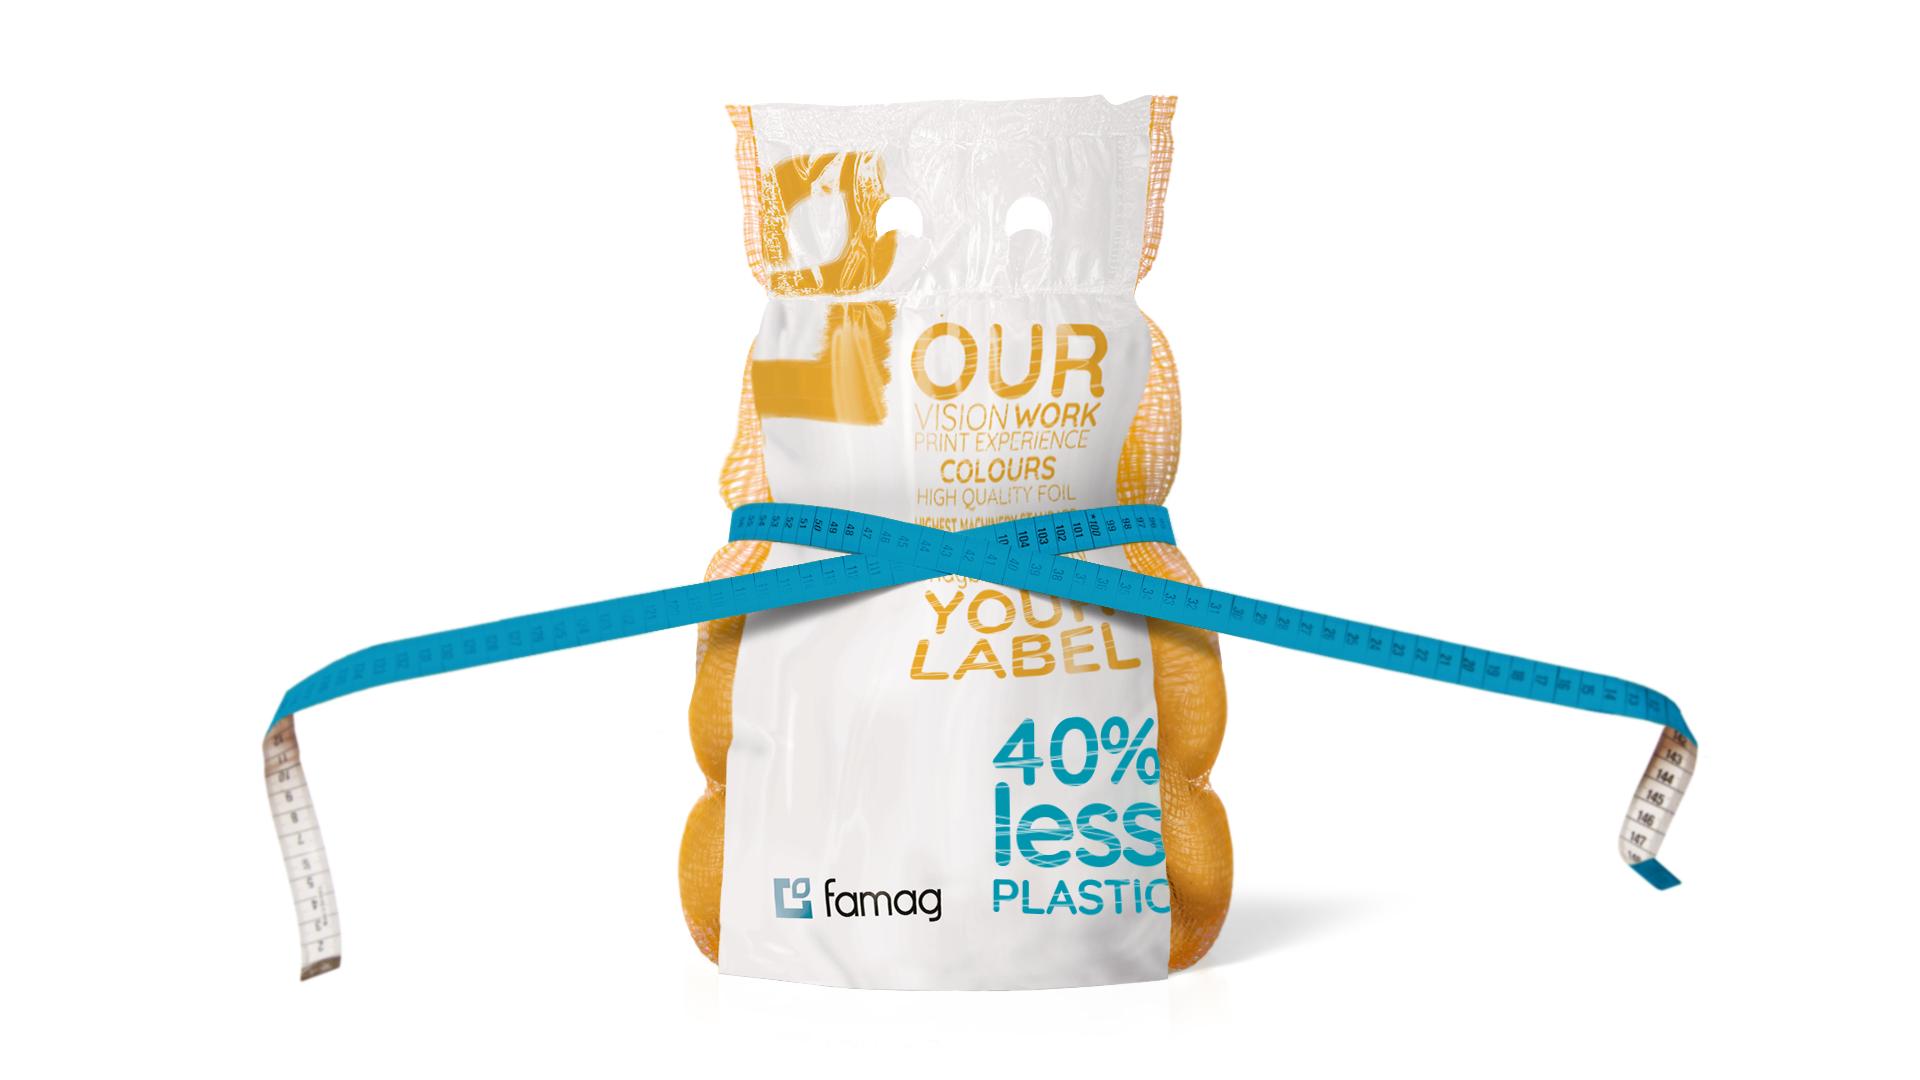 40% mniej plastiku, mniej plastiku, ochrona środowiska, ekologiczne opakowania, vario-pack family, vario-pack, carry bag, siatka na owoce i warzywa, opakowanie do warzyw i owoców, variopack, carrybag, opakowanie siatkowe, siatki tkane, gotowe opakowania, pionowe maszyny, poziome maszyny, maszyna pakująca, własny wzór, opakowania dla branży spożywczej, opakowania do warzyw i owoców, opakowania siatkowe, opakowania tkane, połączenie siatki i folii, mono opakowanie, opakowanie nadające się do recyklingu, 100% recykling, mniej plastiku, zrównoważone opakowania, zrównoważone opakowanie, opakowanie z łączonych materiałów, PE+PE, folia PE + siatka PE, folia PE siatka PE, Folia PP siatka PP, opakowanie do owoców, opakowanie do warzyw, opakowania do owoców, opakowania do warzyw, opakowanie awokado, opakowanie ziemniaki, opakowanie biedronka, opakowanie lidl, opakowanie cebula, opakowanie marchewka, nadruk fleksograficzny, flekso druk, bezpieczne opakowanie, brc, nowoczesne opakowanie, opakowania z okienkiem, opakowanie z okienkiem, okienka opakowania, WIN-PACK, winpack, win pack, NOVO-PACK, novopack, novo pack, friendly pack, , fruit and vegetable netting, vegetable and fruit packaging, variopack, carrybag, netting, woven mesh, ready-made packaging, vertical machines, horizontal machines, packaging machine, own design, packaging for the food industry, vegetable and fruit packaging, mesh packaging, woven packaging, combination of mesh and film, mono packaging, recyclable packaging, 100% recycling, less plastic, sustainable packaging, sustainable packaging, packaging from combined materials, PE + PE, PE foil + PE mesh, PE foil PE mesh, PP foil PP mesh, fruit packaging, vegetable packaging, fruit packaging, vegetable packaging, avocado packaging, potato packaging, ladybug packaging, lidl packaging, onion packaging, packaging carrot, flexographic printing, flexo printing, secure packaging, brc, modern packaging, packaging with window, packaging with window, packaging windows,